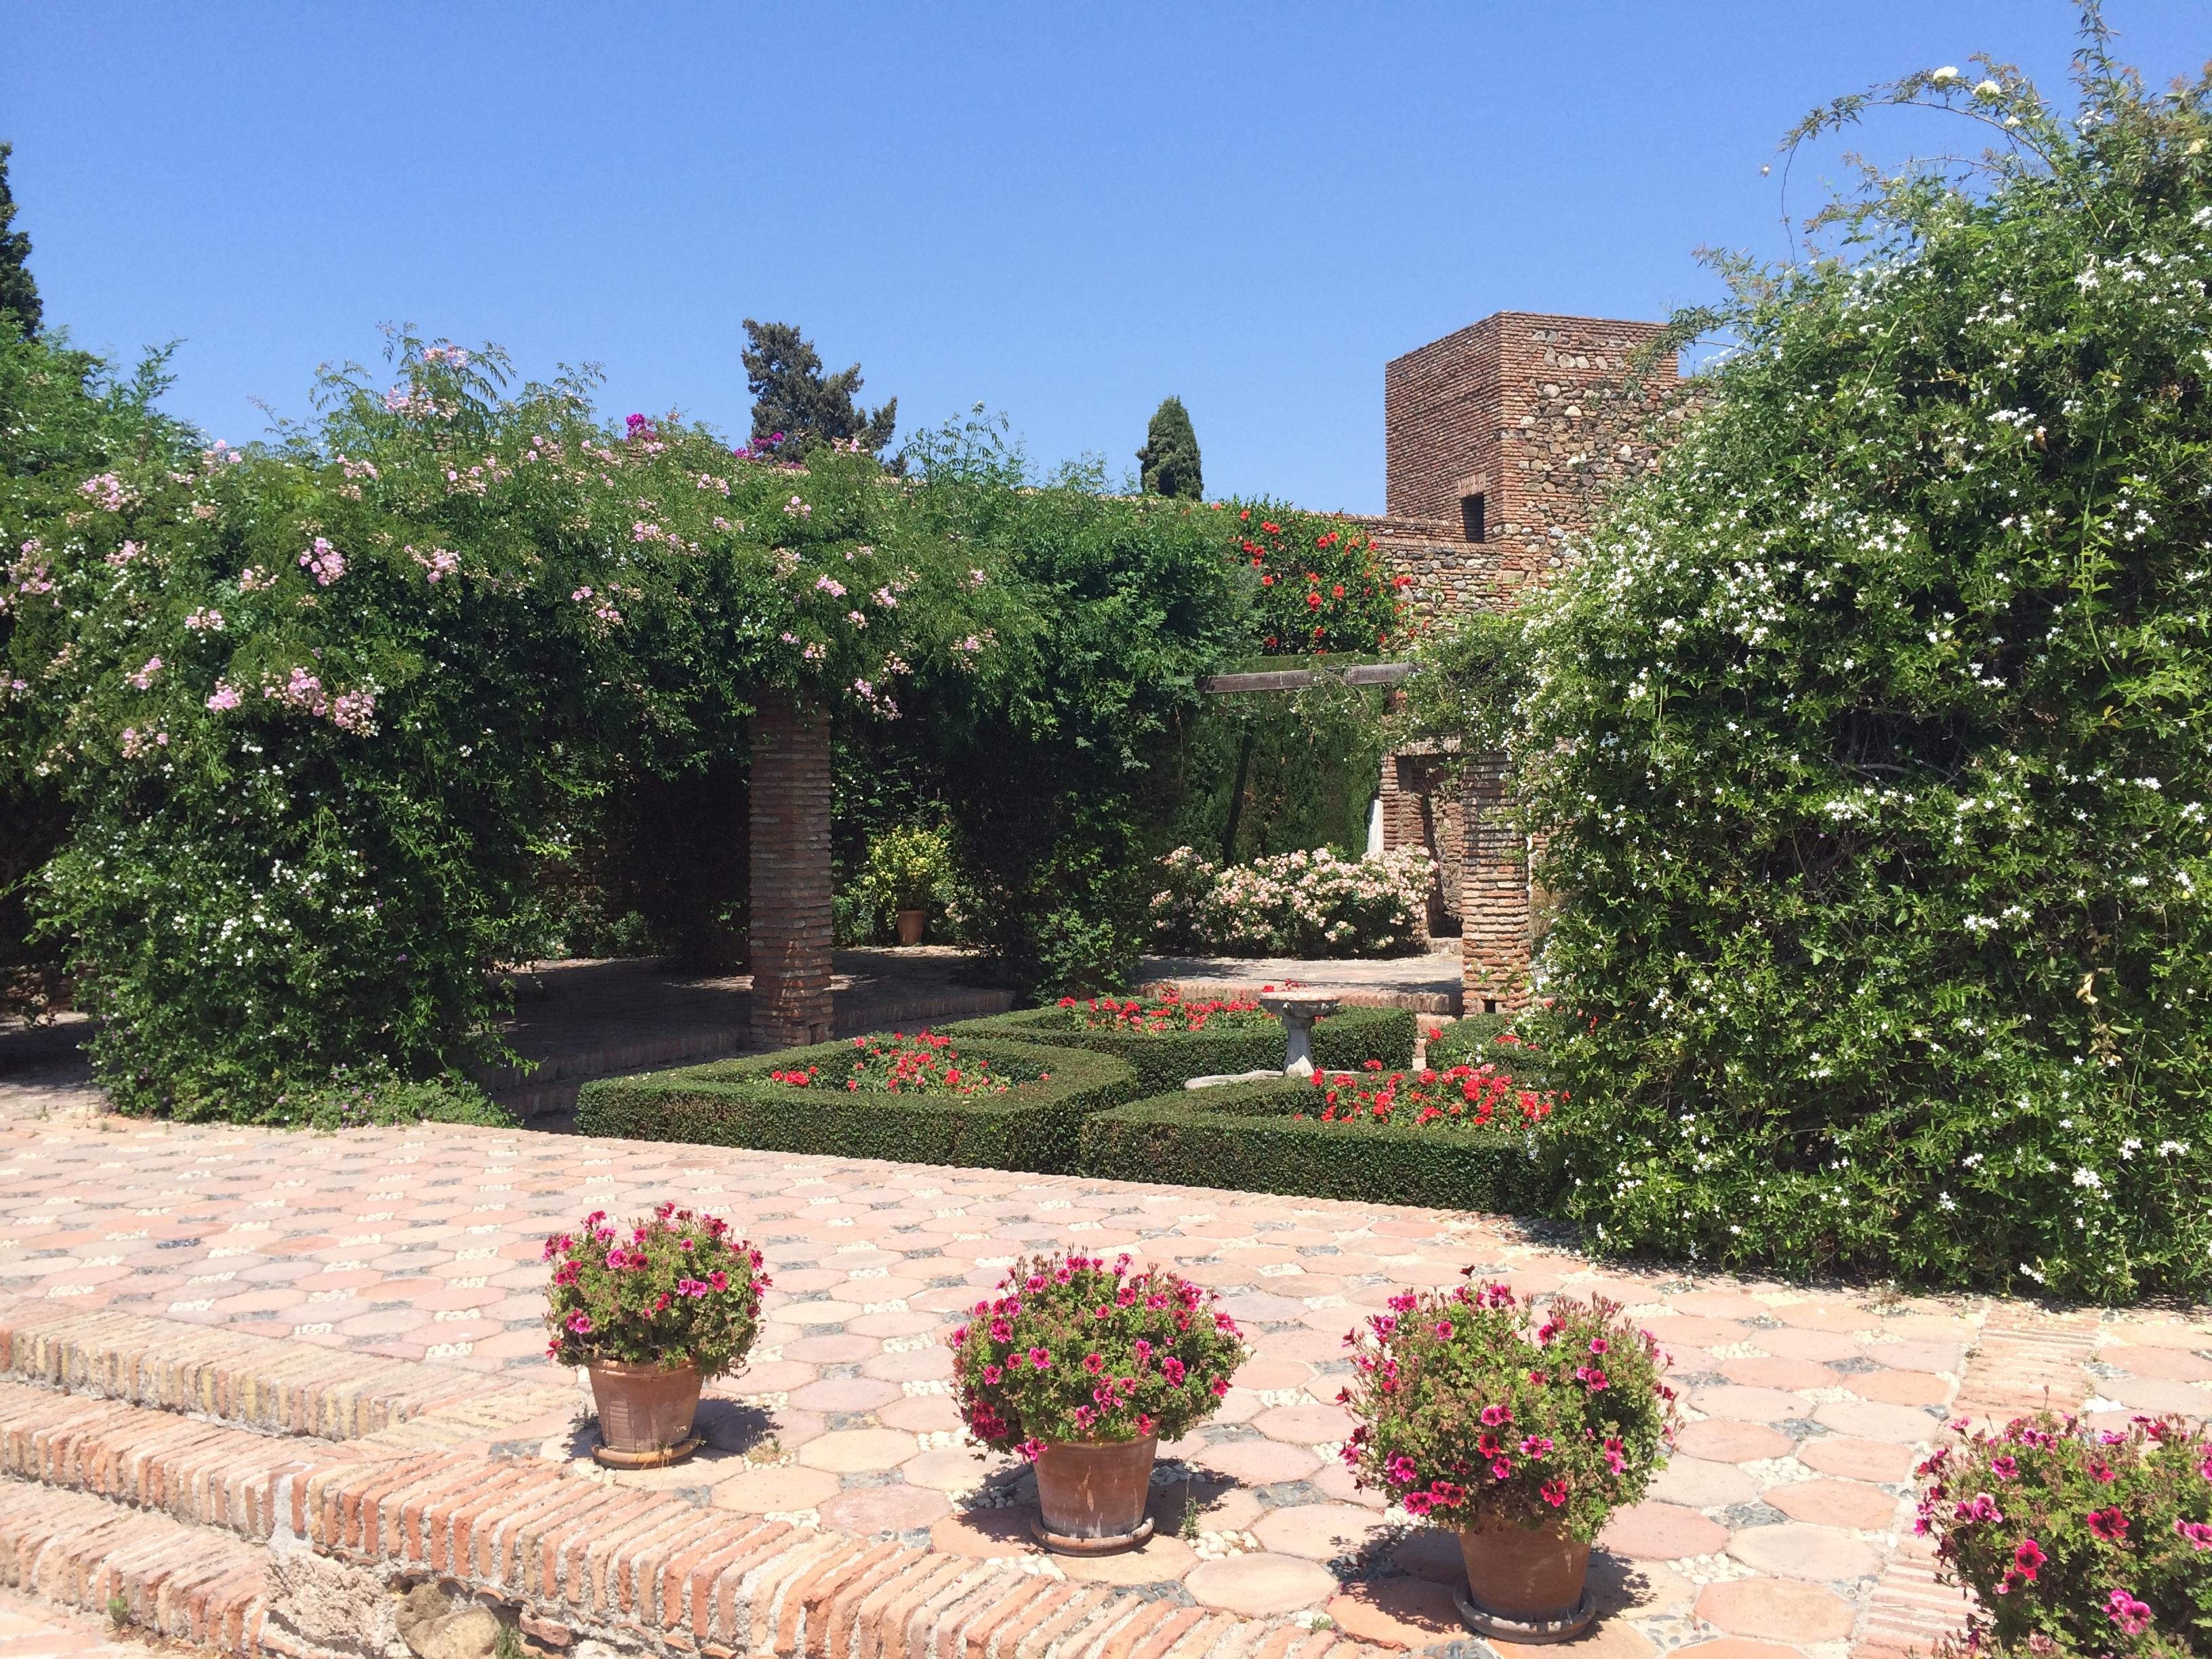 Landschaft Rasen Villa Blume Hinterhof Eigentum Botanik Garten Spanien  Landschaftsbau Hof Strauch Immobilien Garten Malaga Grundeigentum